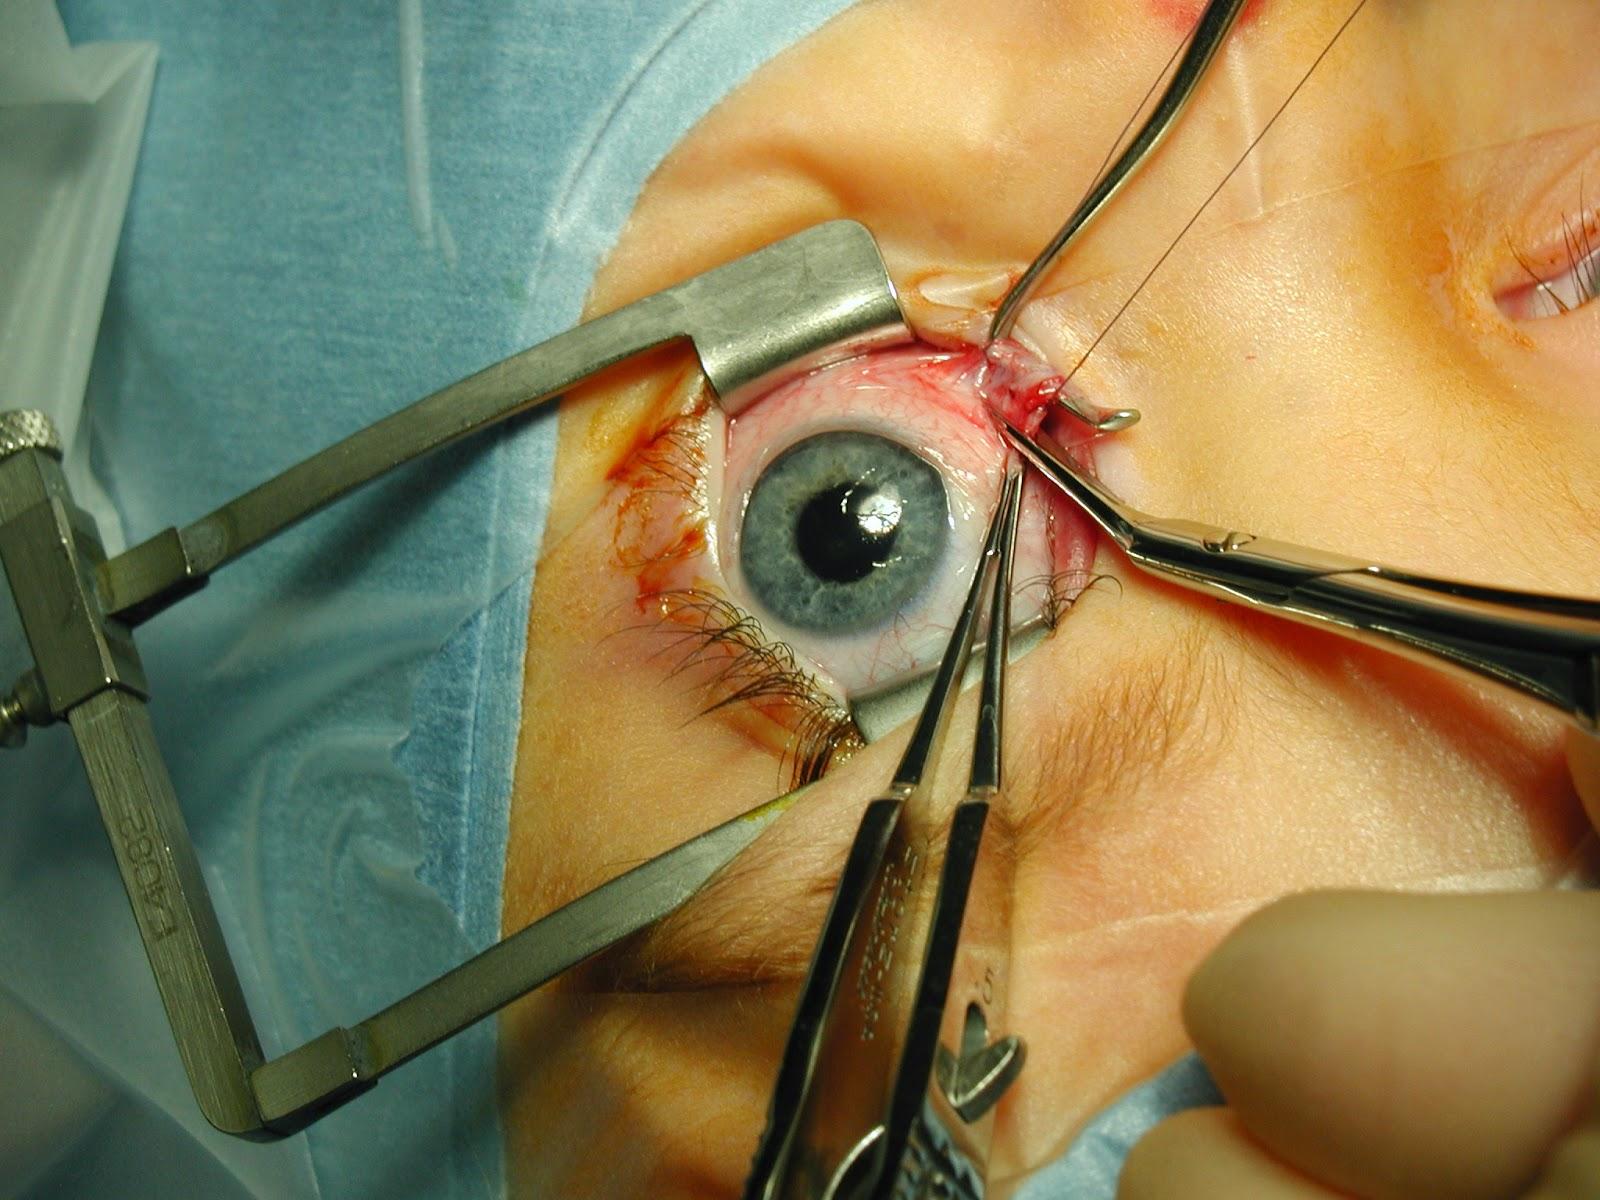 Biaya Operasi Lasik | Operasi Lasik | Lasik Mata